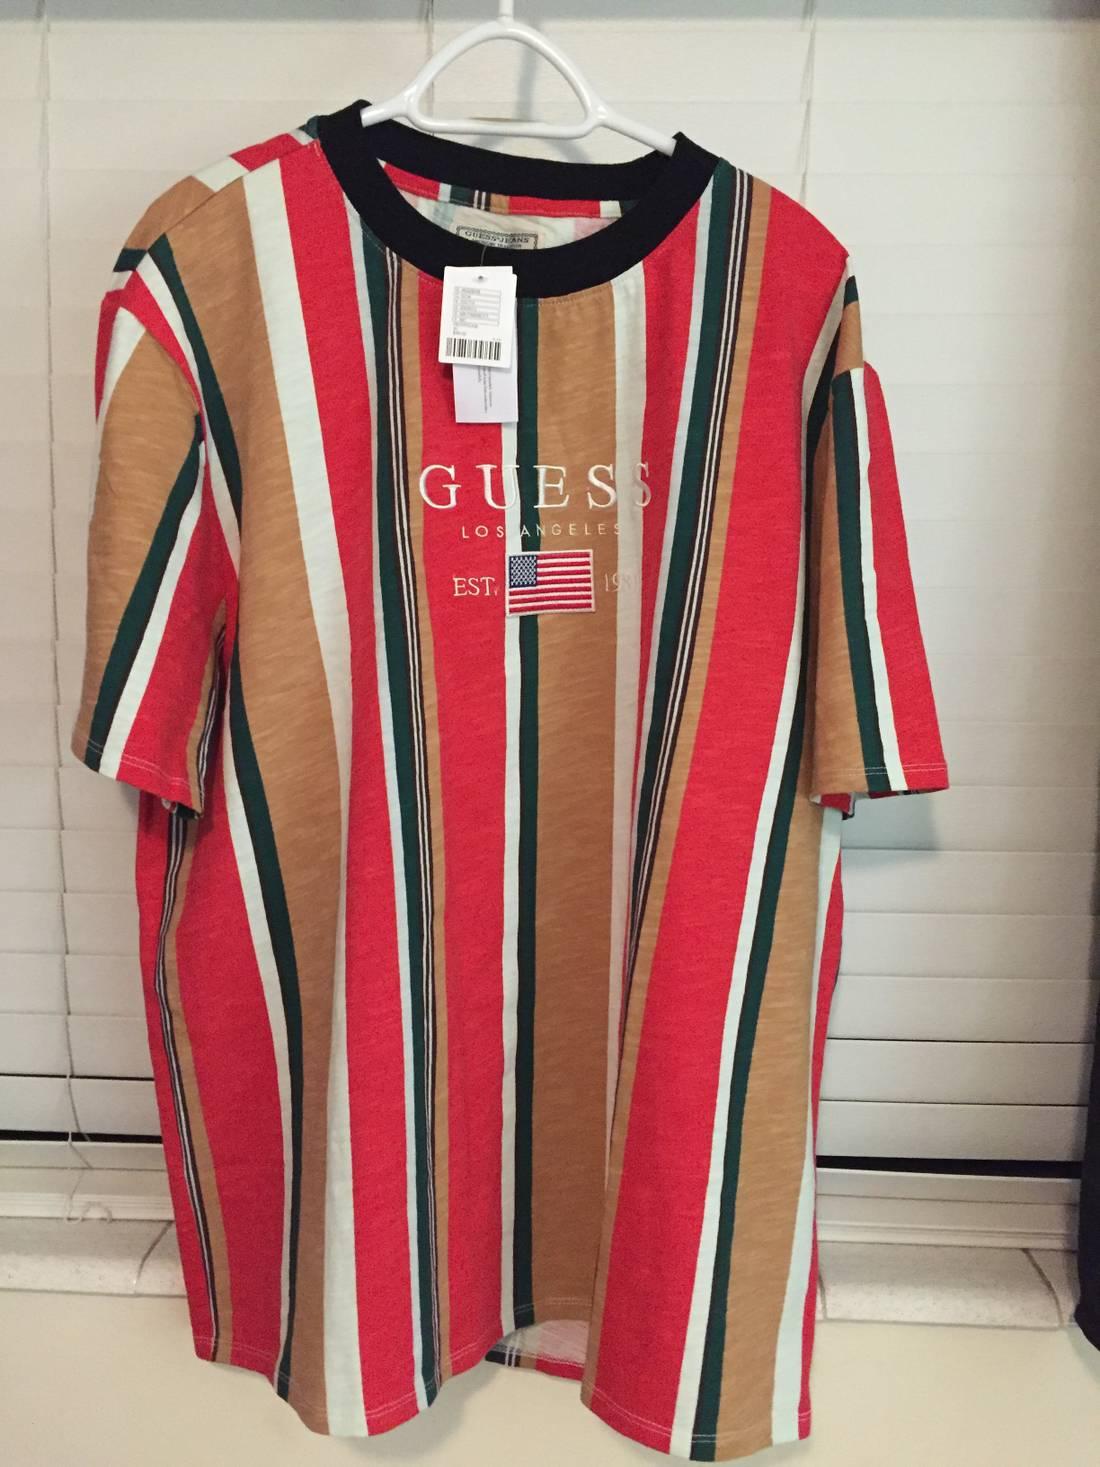 de7be12da833 Guess Jeans Usa 1981 Capsule Striped T Shirt Asap Vintage Vertical